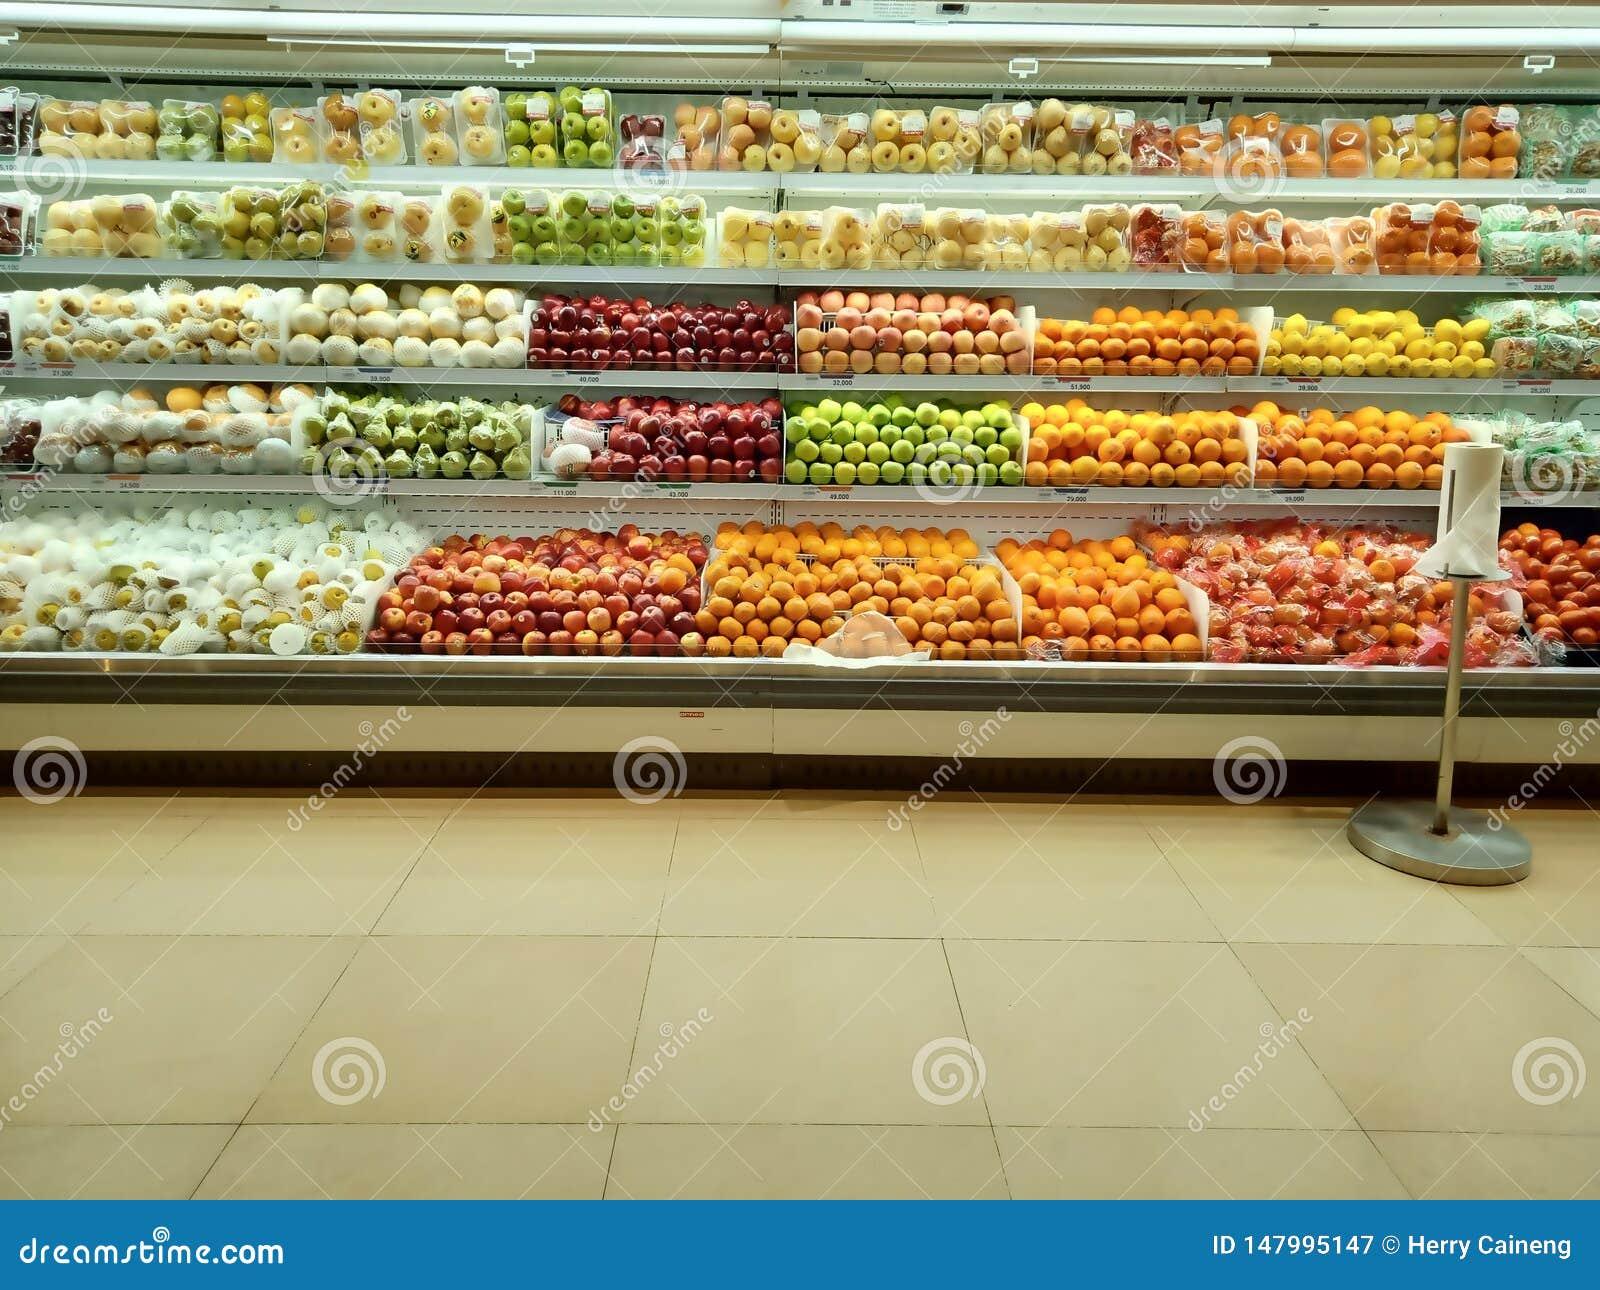 新鲜的有机蔬菜和水果在架子在超级市场 r r 超级市场产品